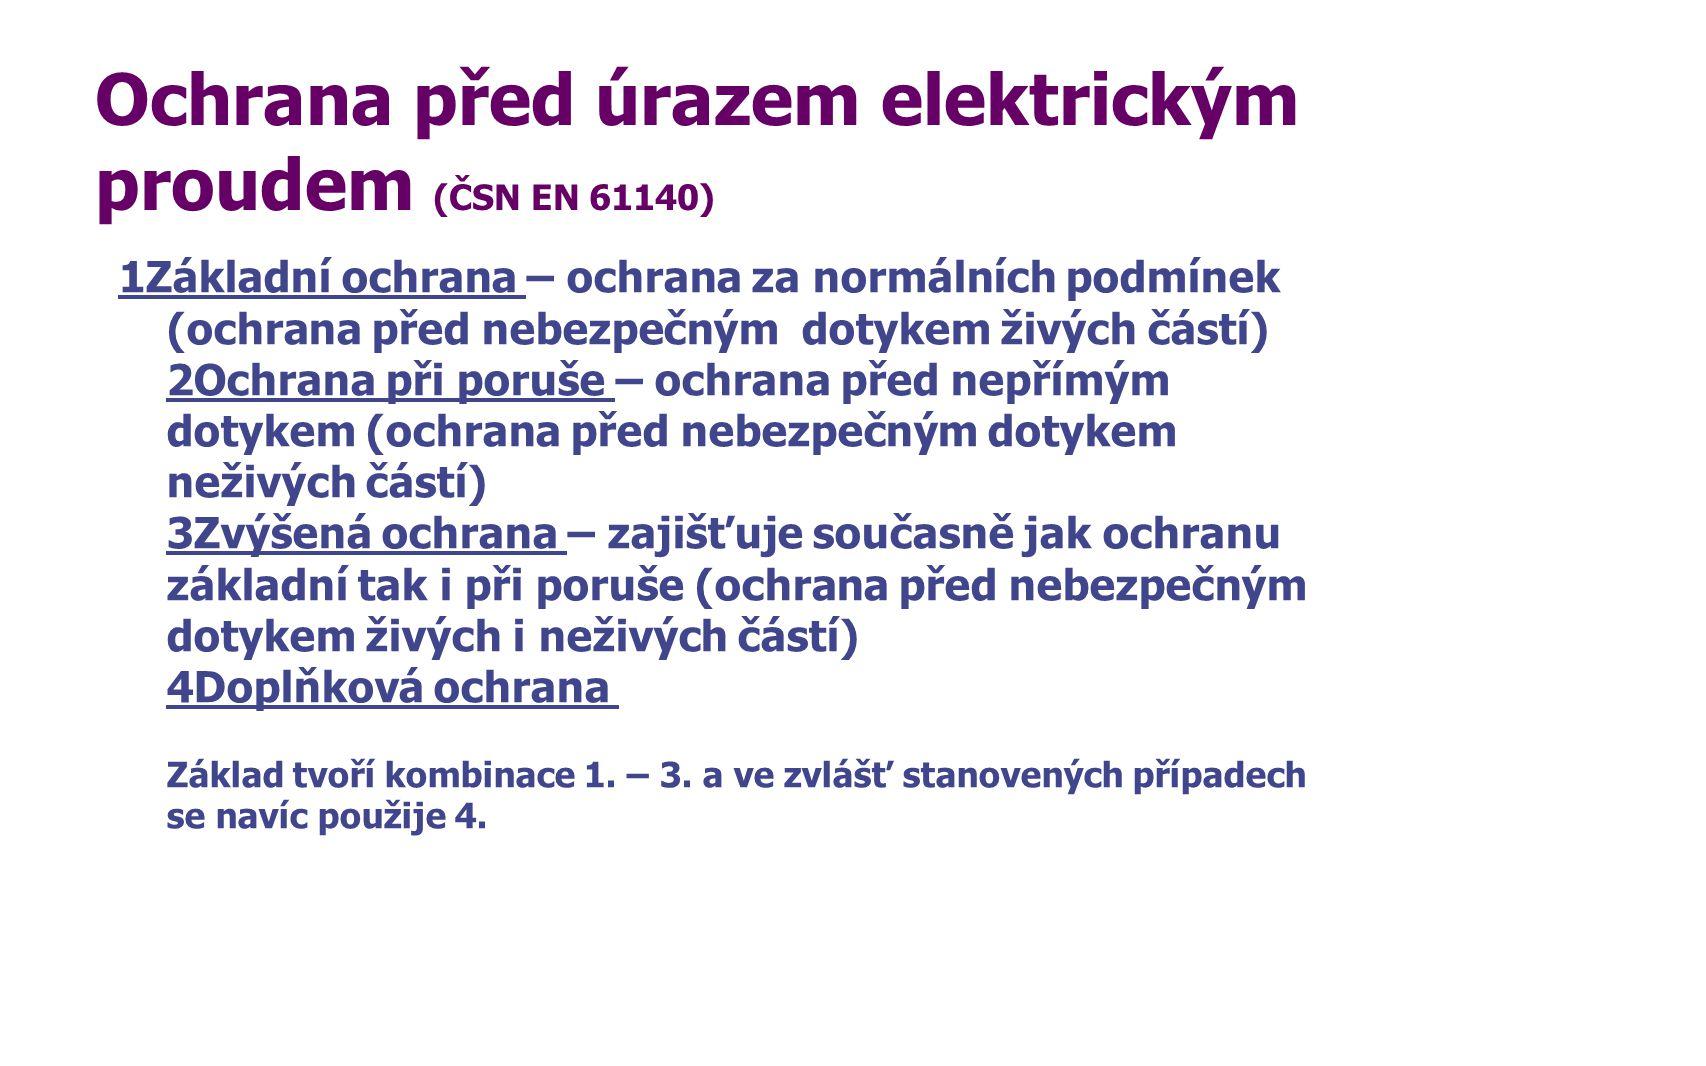 Ochrana před úrazem elektrickým proudem (ČSN EN 61140)